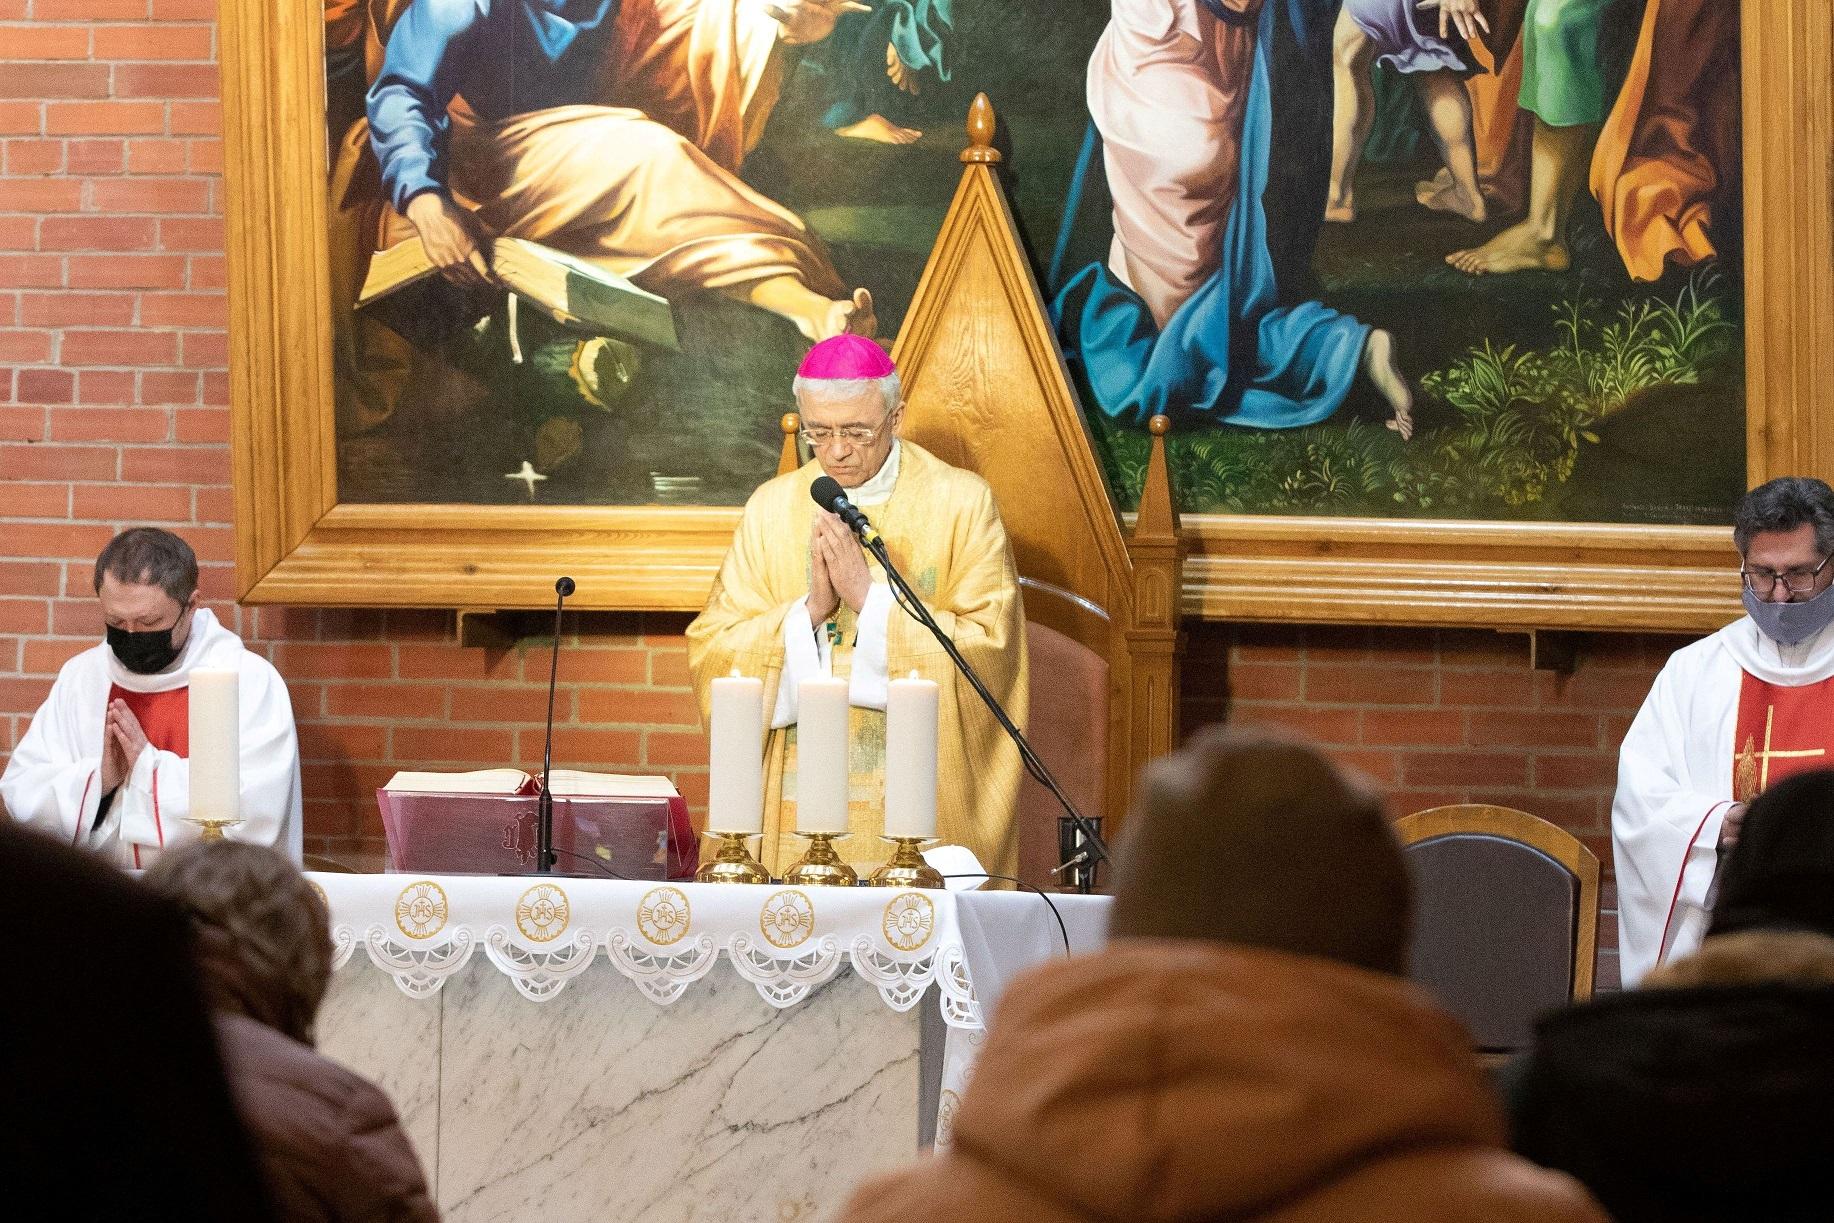 Католики Преображенской епархии вступили в Священное Пасхальное Триденствие: Месса воспоминания Тайной Вечери в Кафедральном соборе Новосибирска